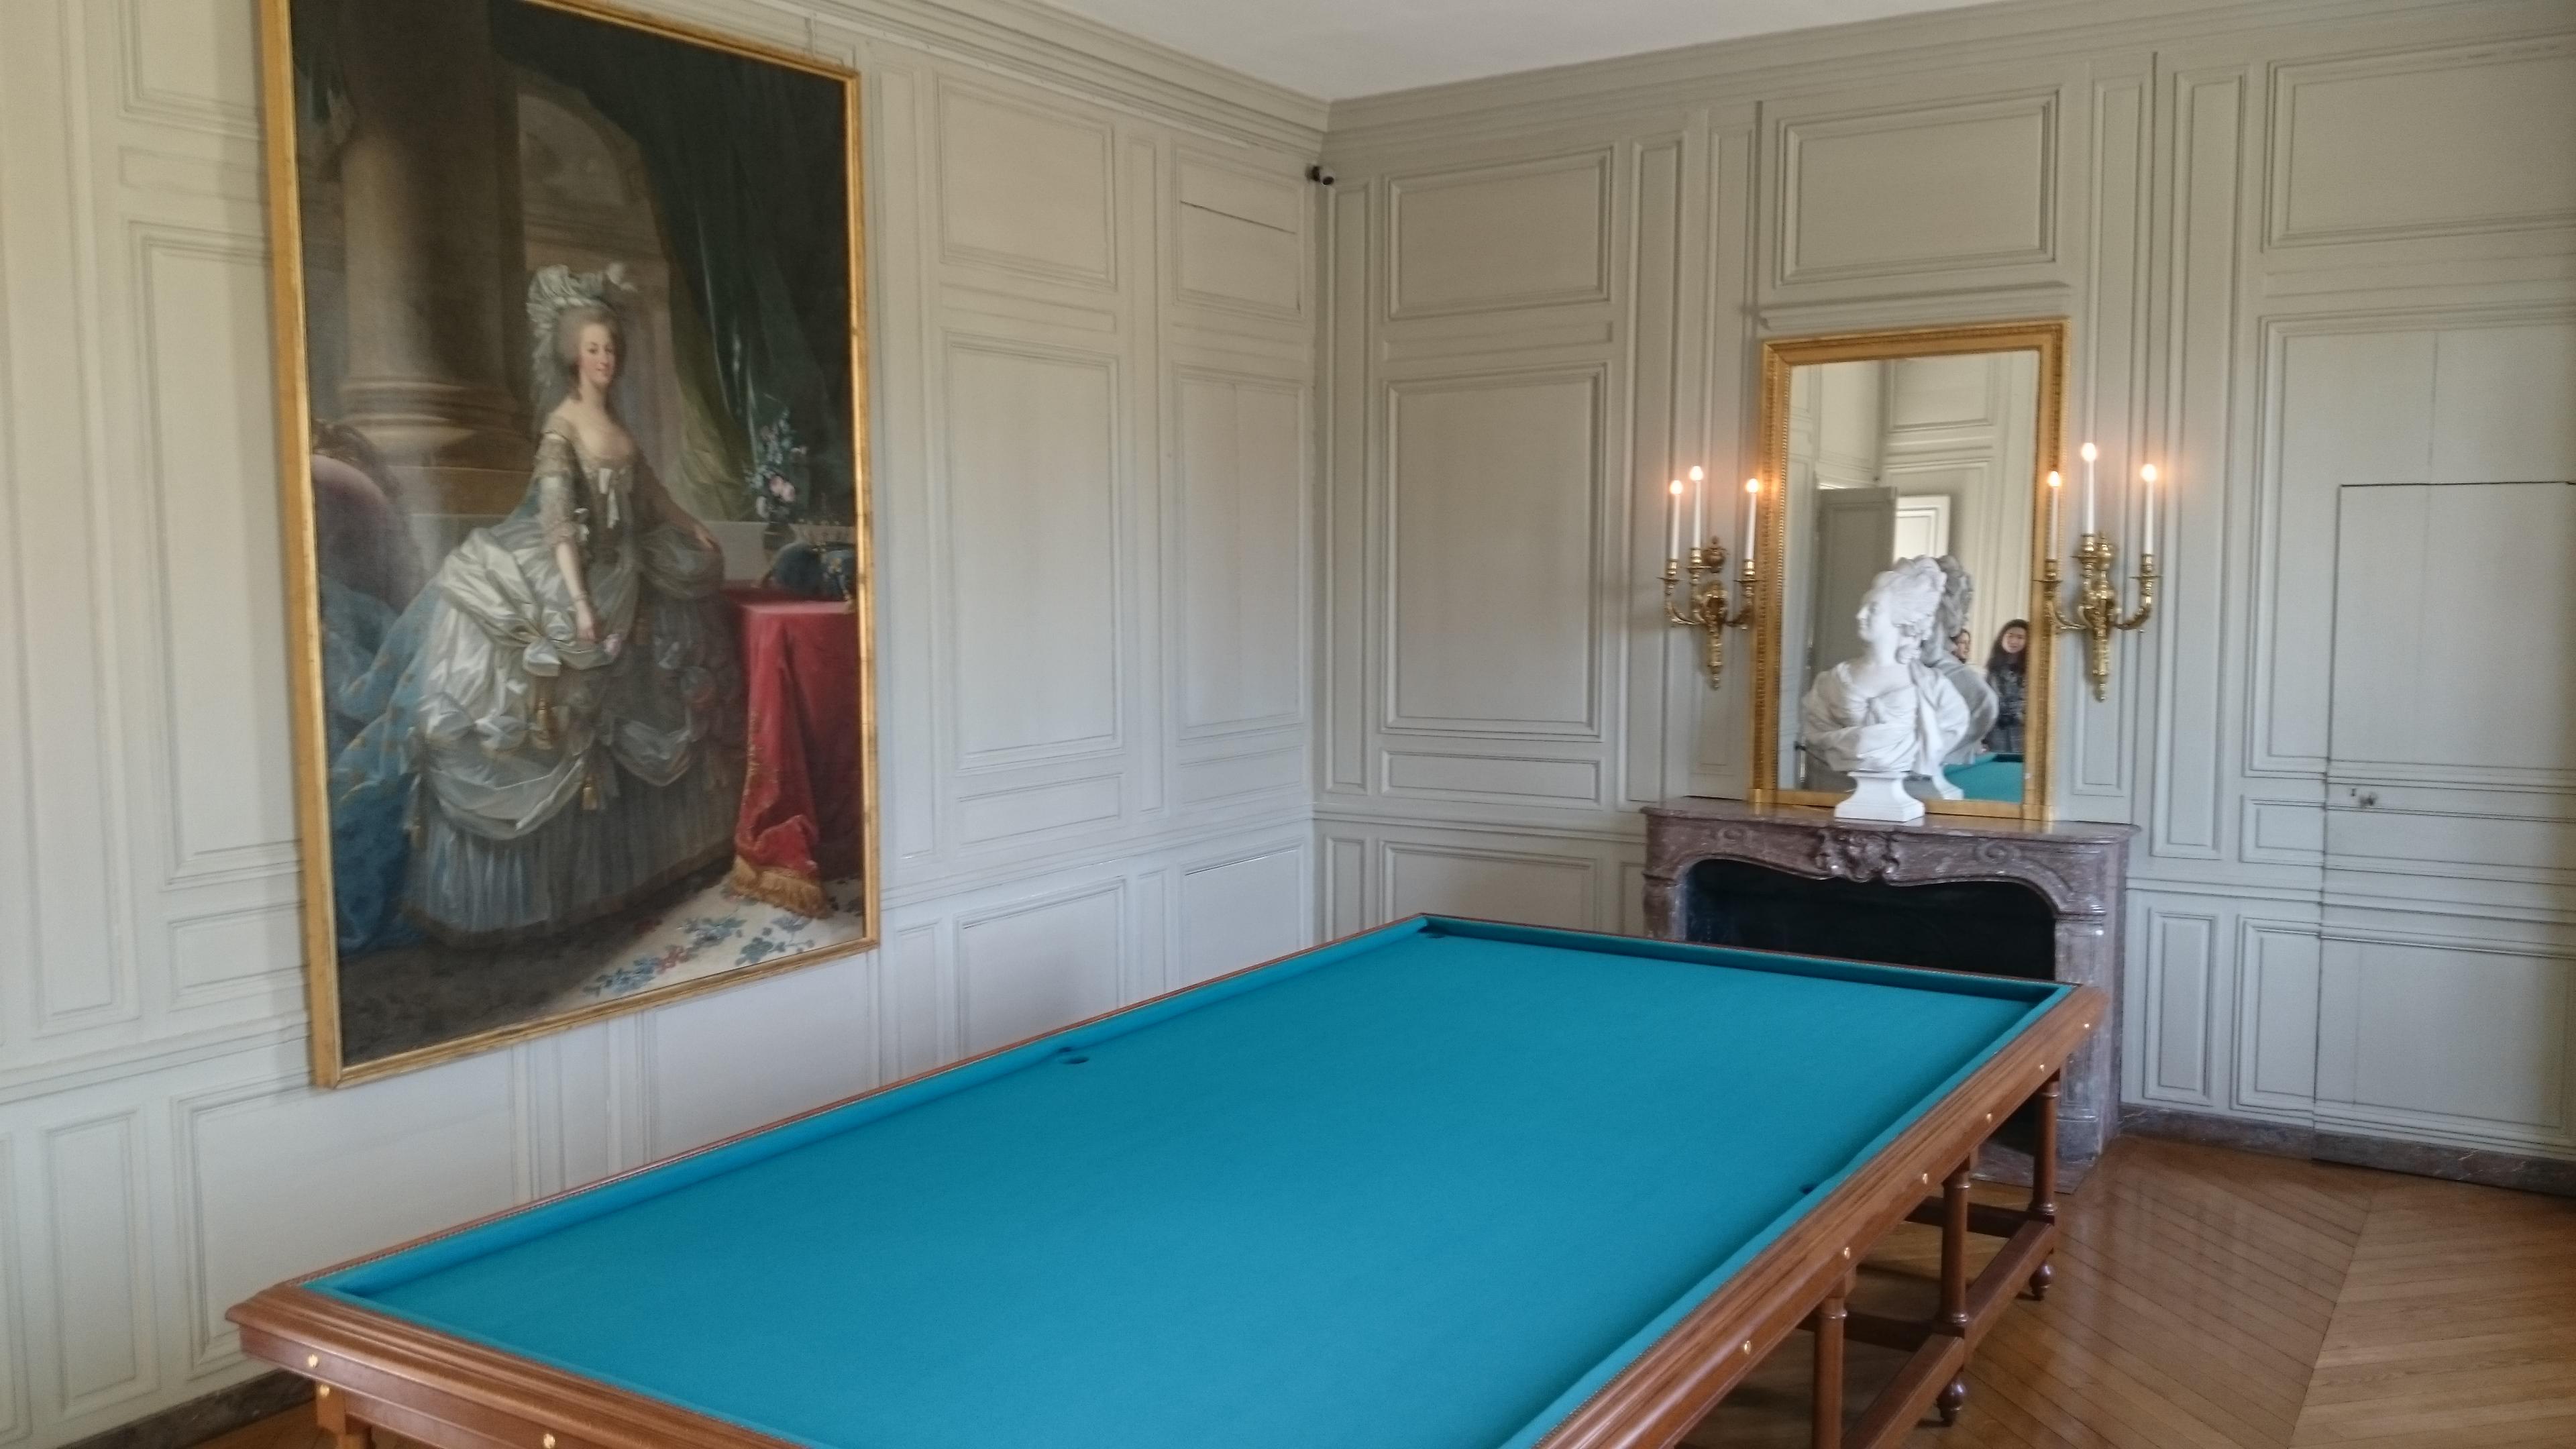 dsc 1265 copia - Visita al Palacio de Versalles: Como ir, cuanto cuesta y tips II/III